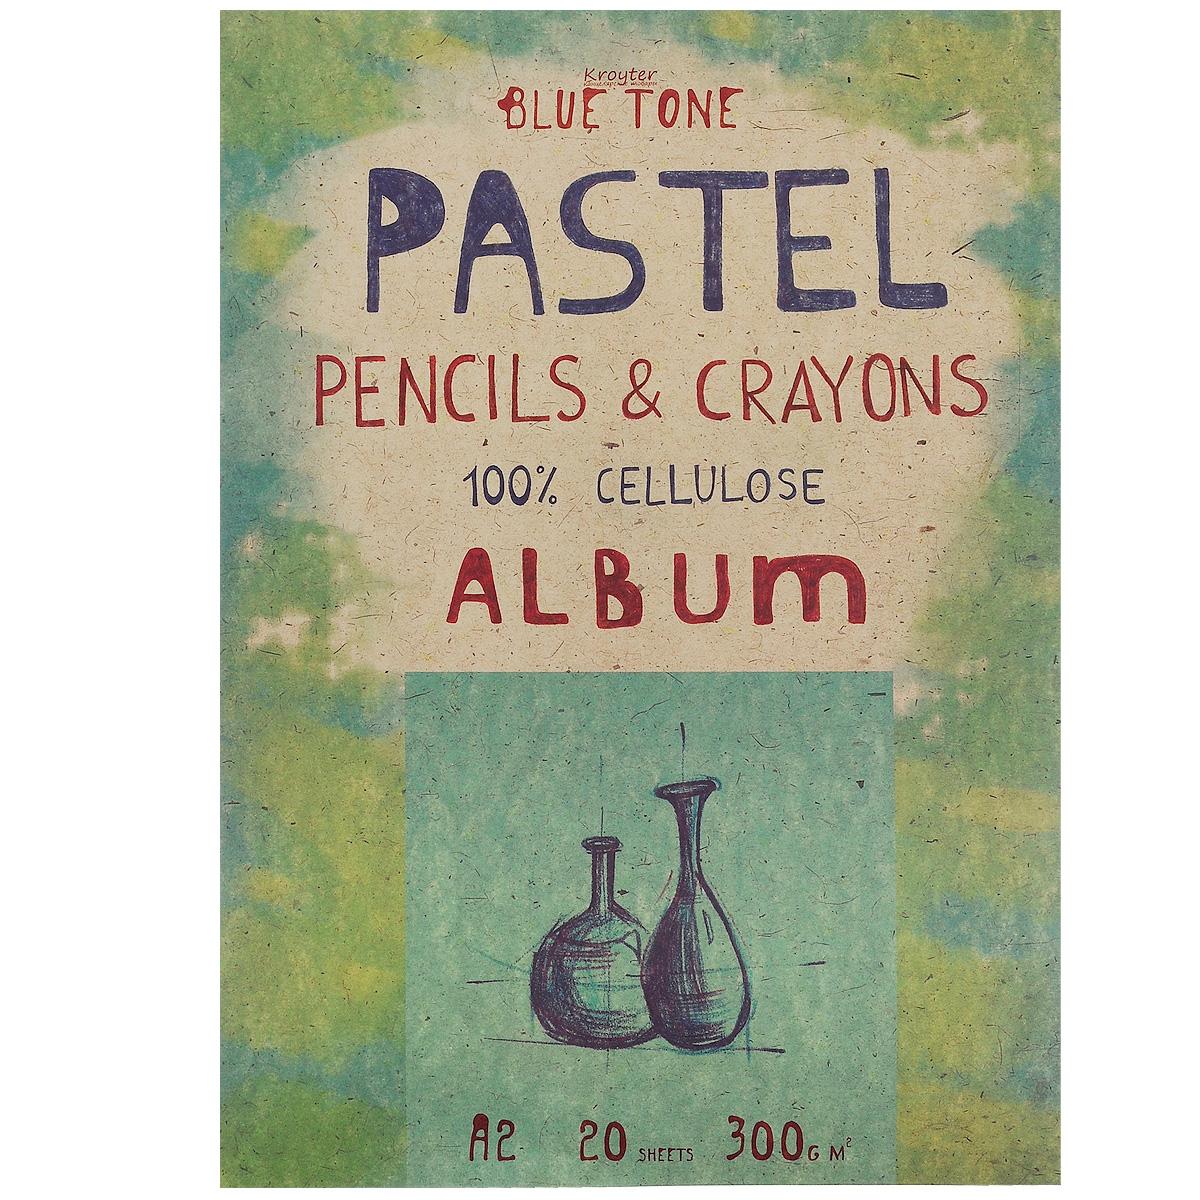 Альбом для пастели Kroyter, 20 листов, формат А206494Альбом Kroyter используется для рисования пастелью, мелками, углем. После грунтовки можно использовать для акриловых и масляных красок. Внутренний блок состоит из 20 листов картона голубого цвета. Крепление блока - склейка, выполненная по технологии, позволяющей изымать листы из блока без его разрушения. Твердая подложка позволяет использовать альбом вне класса или дома. Формат листов - А2. Плотность: 300 г/м2.